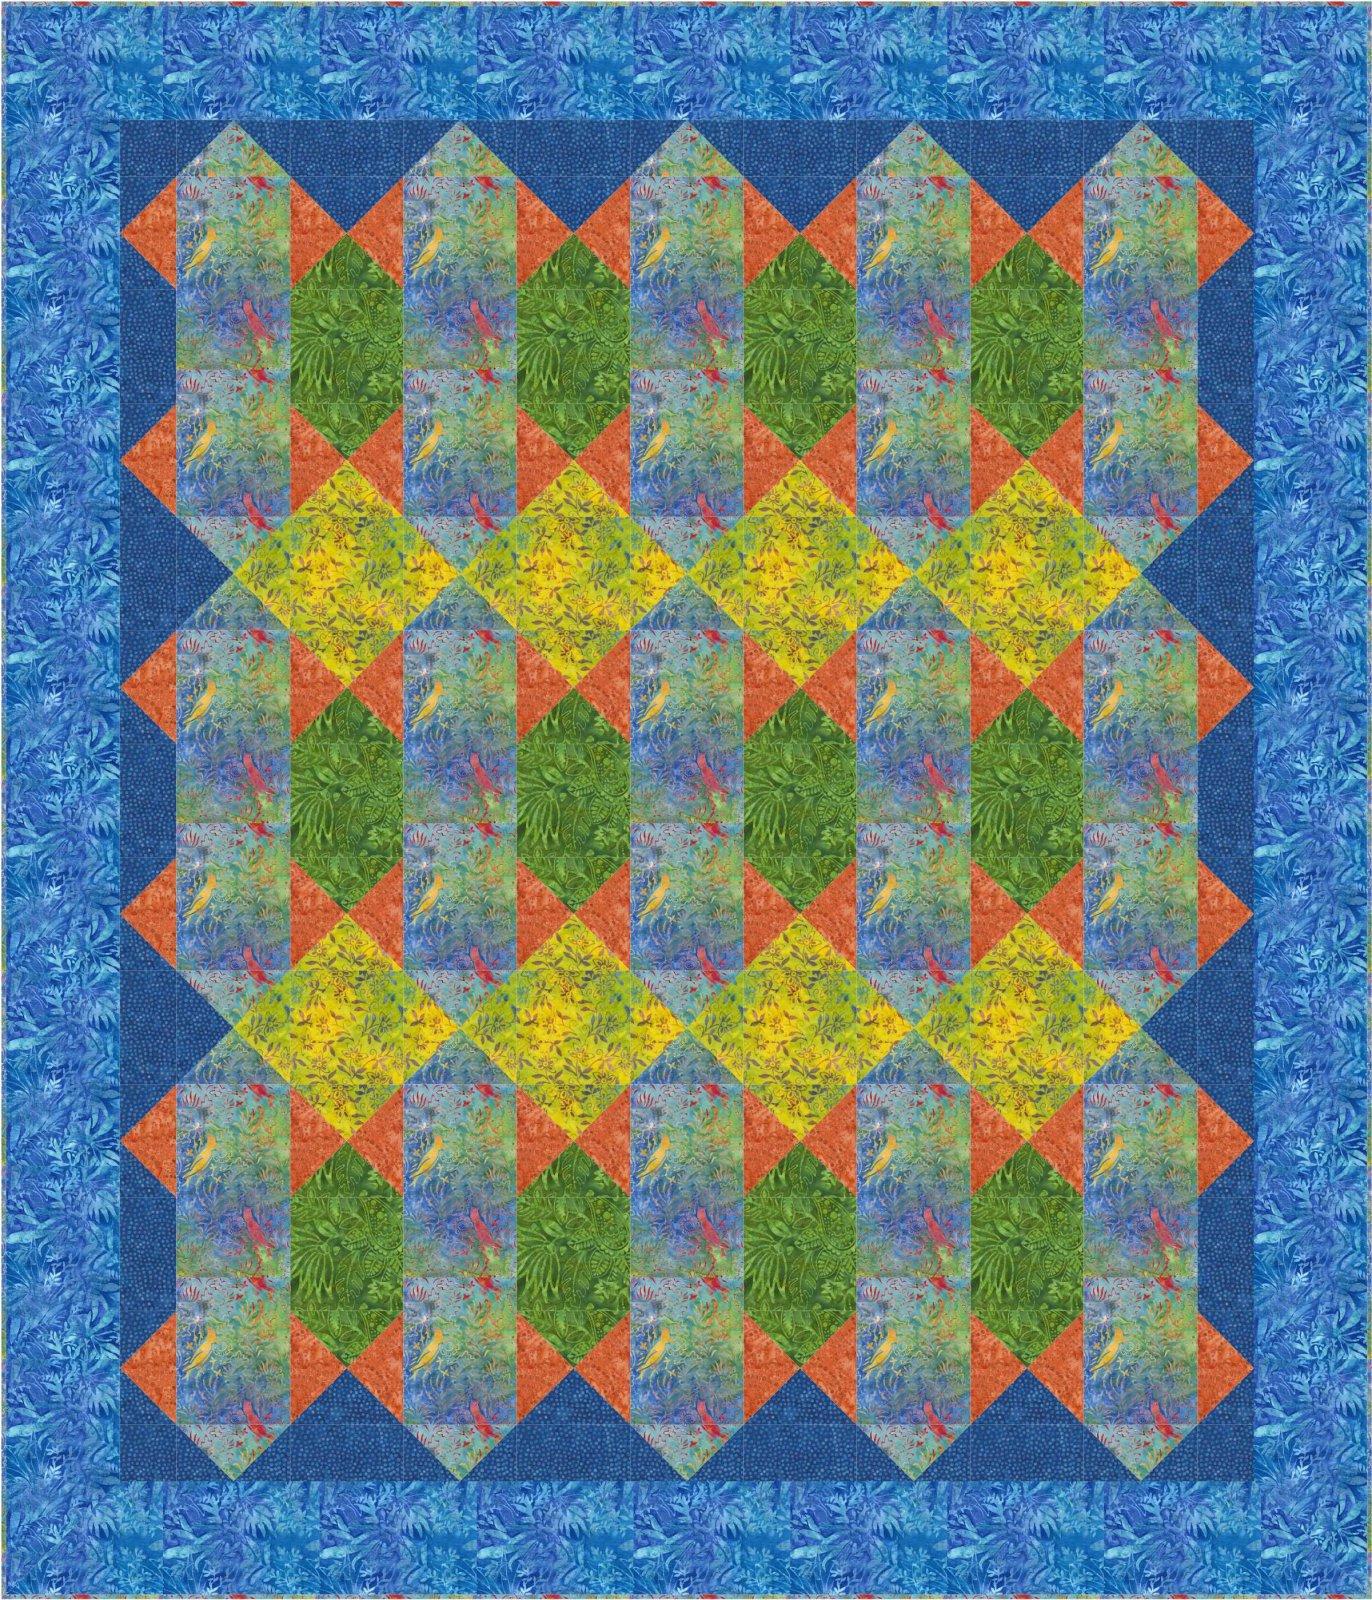 Tori Q pattern